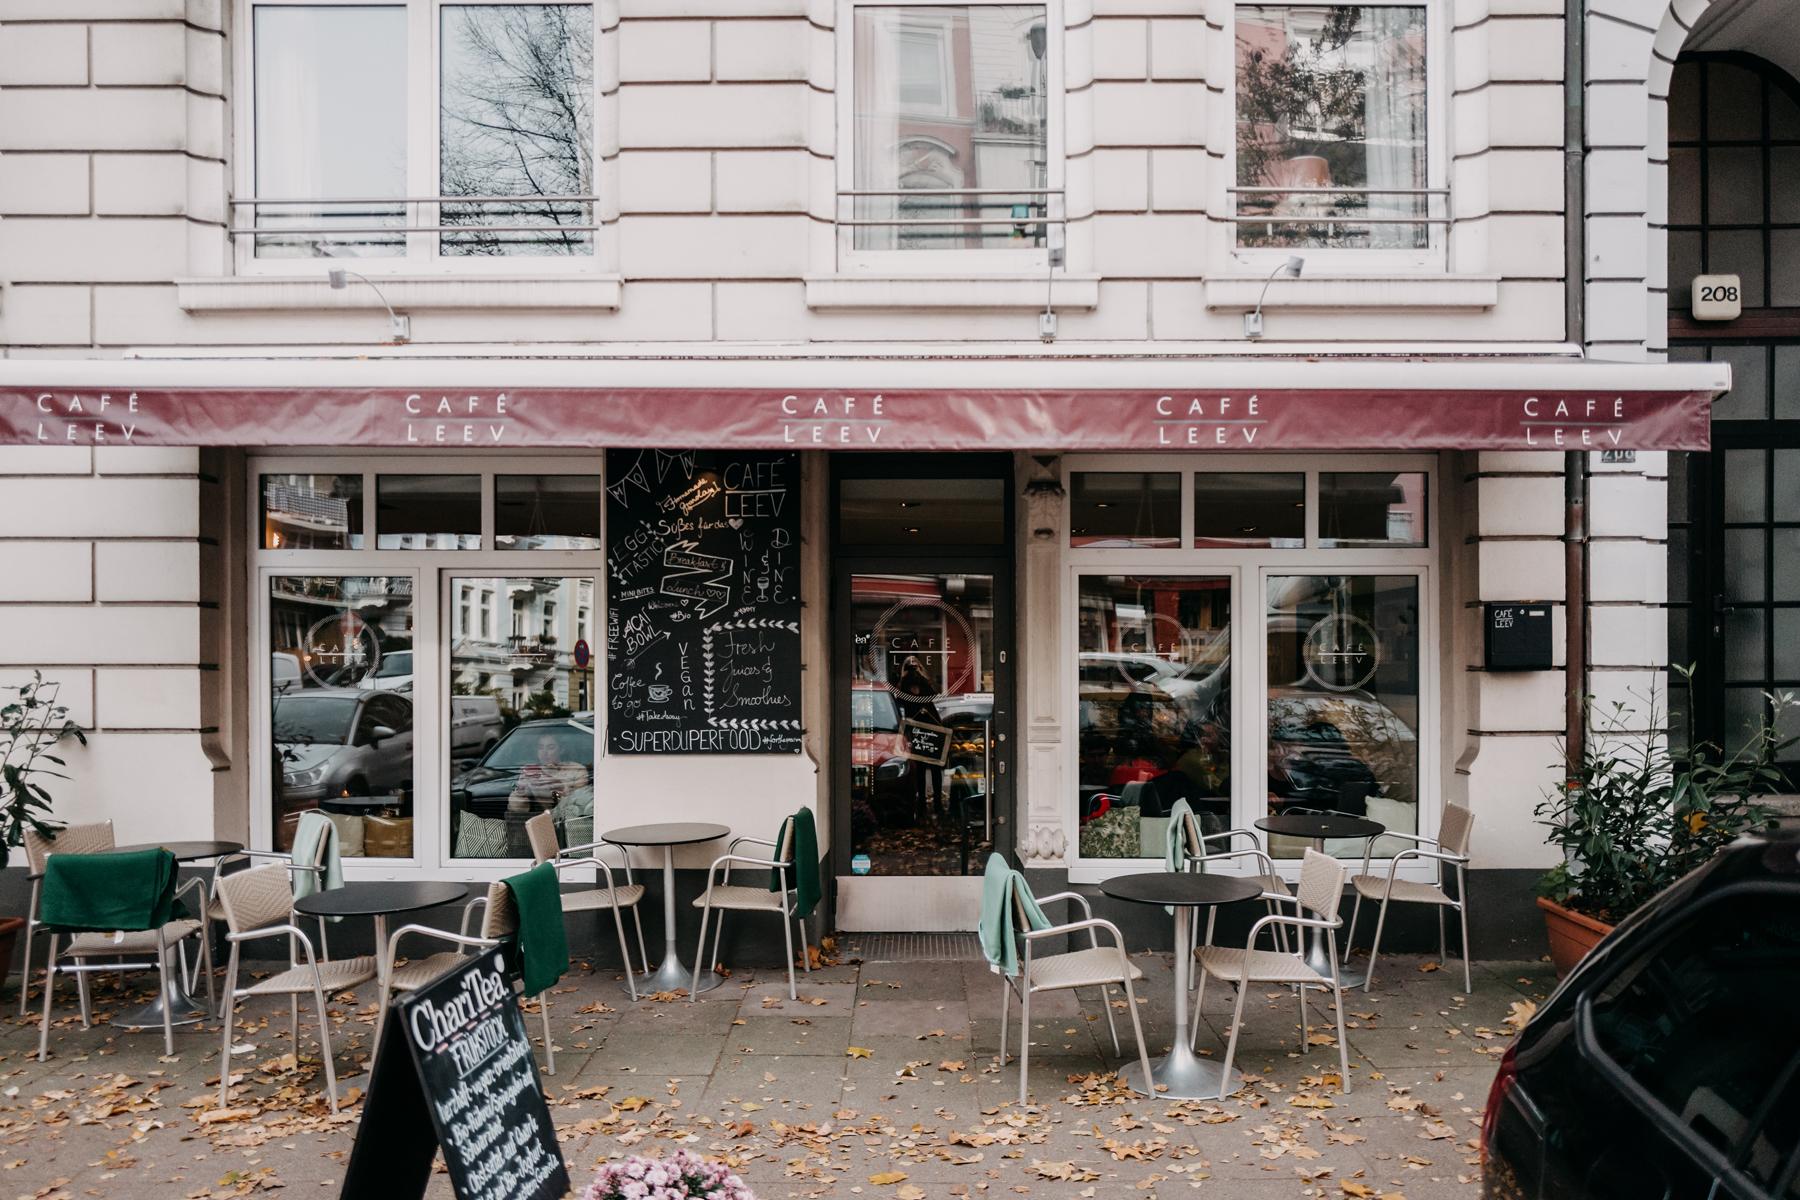 Geheimtipp Hamburg Essen & Trinken Cafe Eppendorf Cafe Leev Dahlina Sophie Kock 3